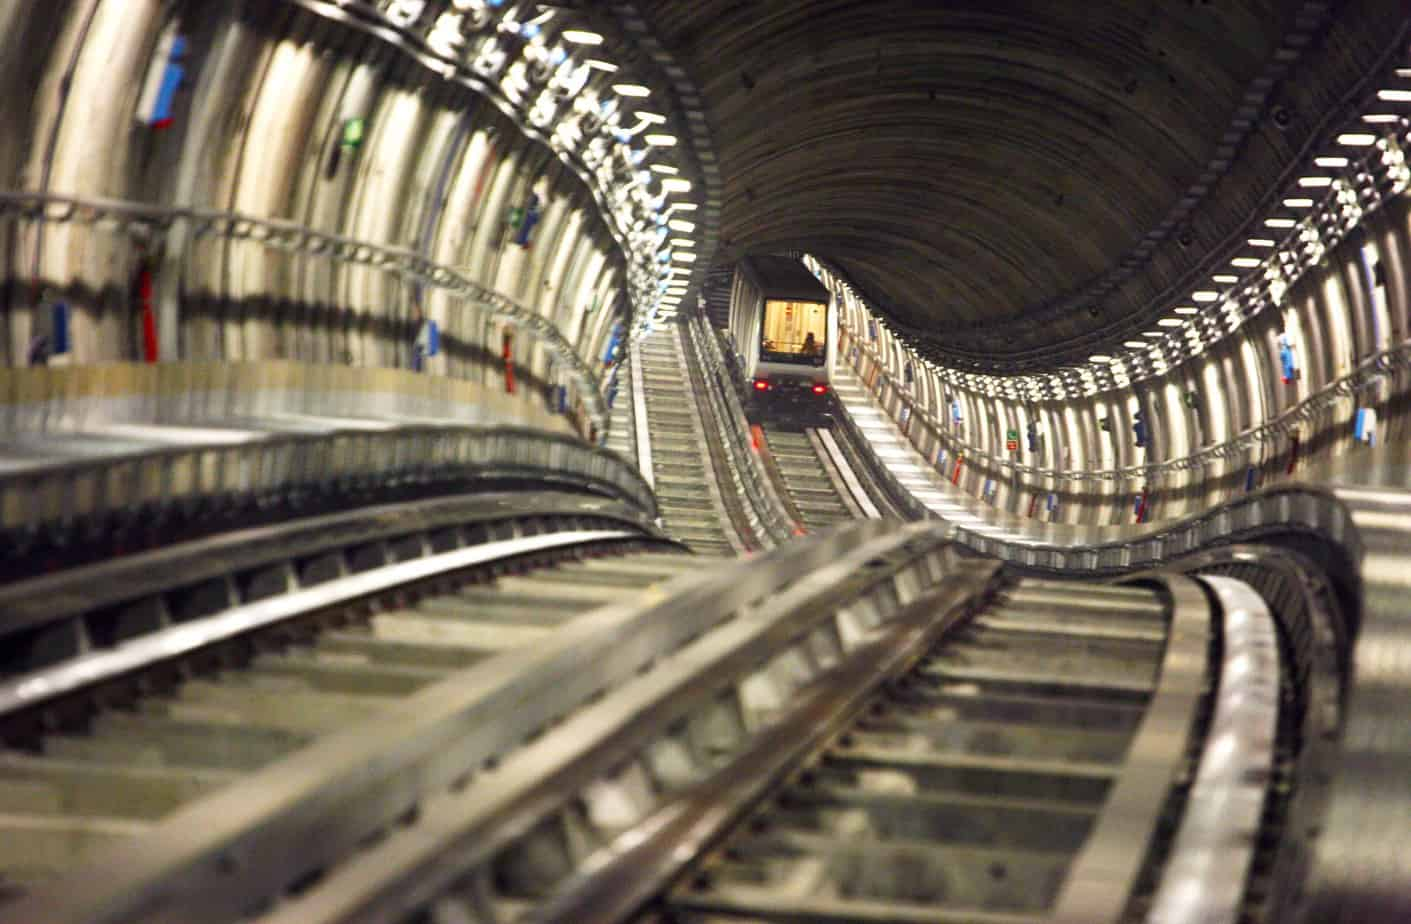 La metropolitana torinese completerà altri 5,3 km di linea, con sei stazioni e due capolinea (Piazza Bengasi e Cascine Vica)